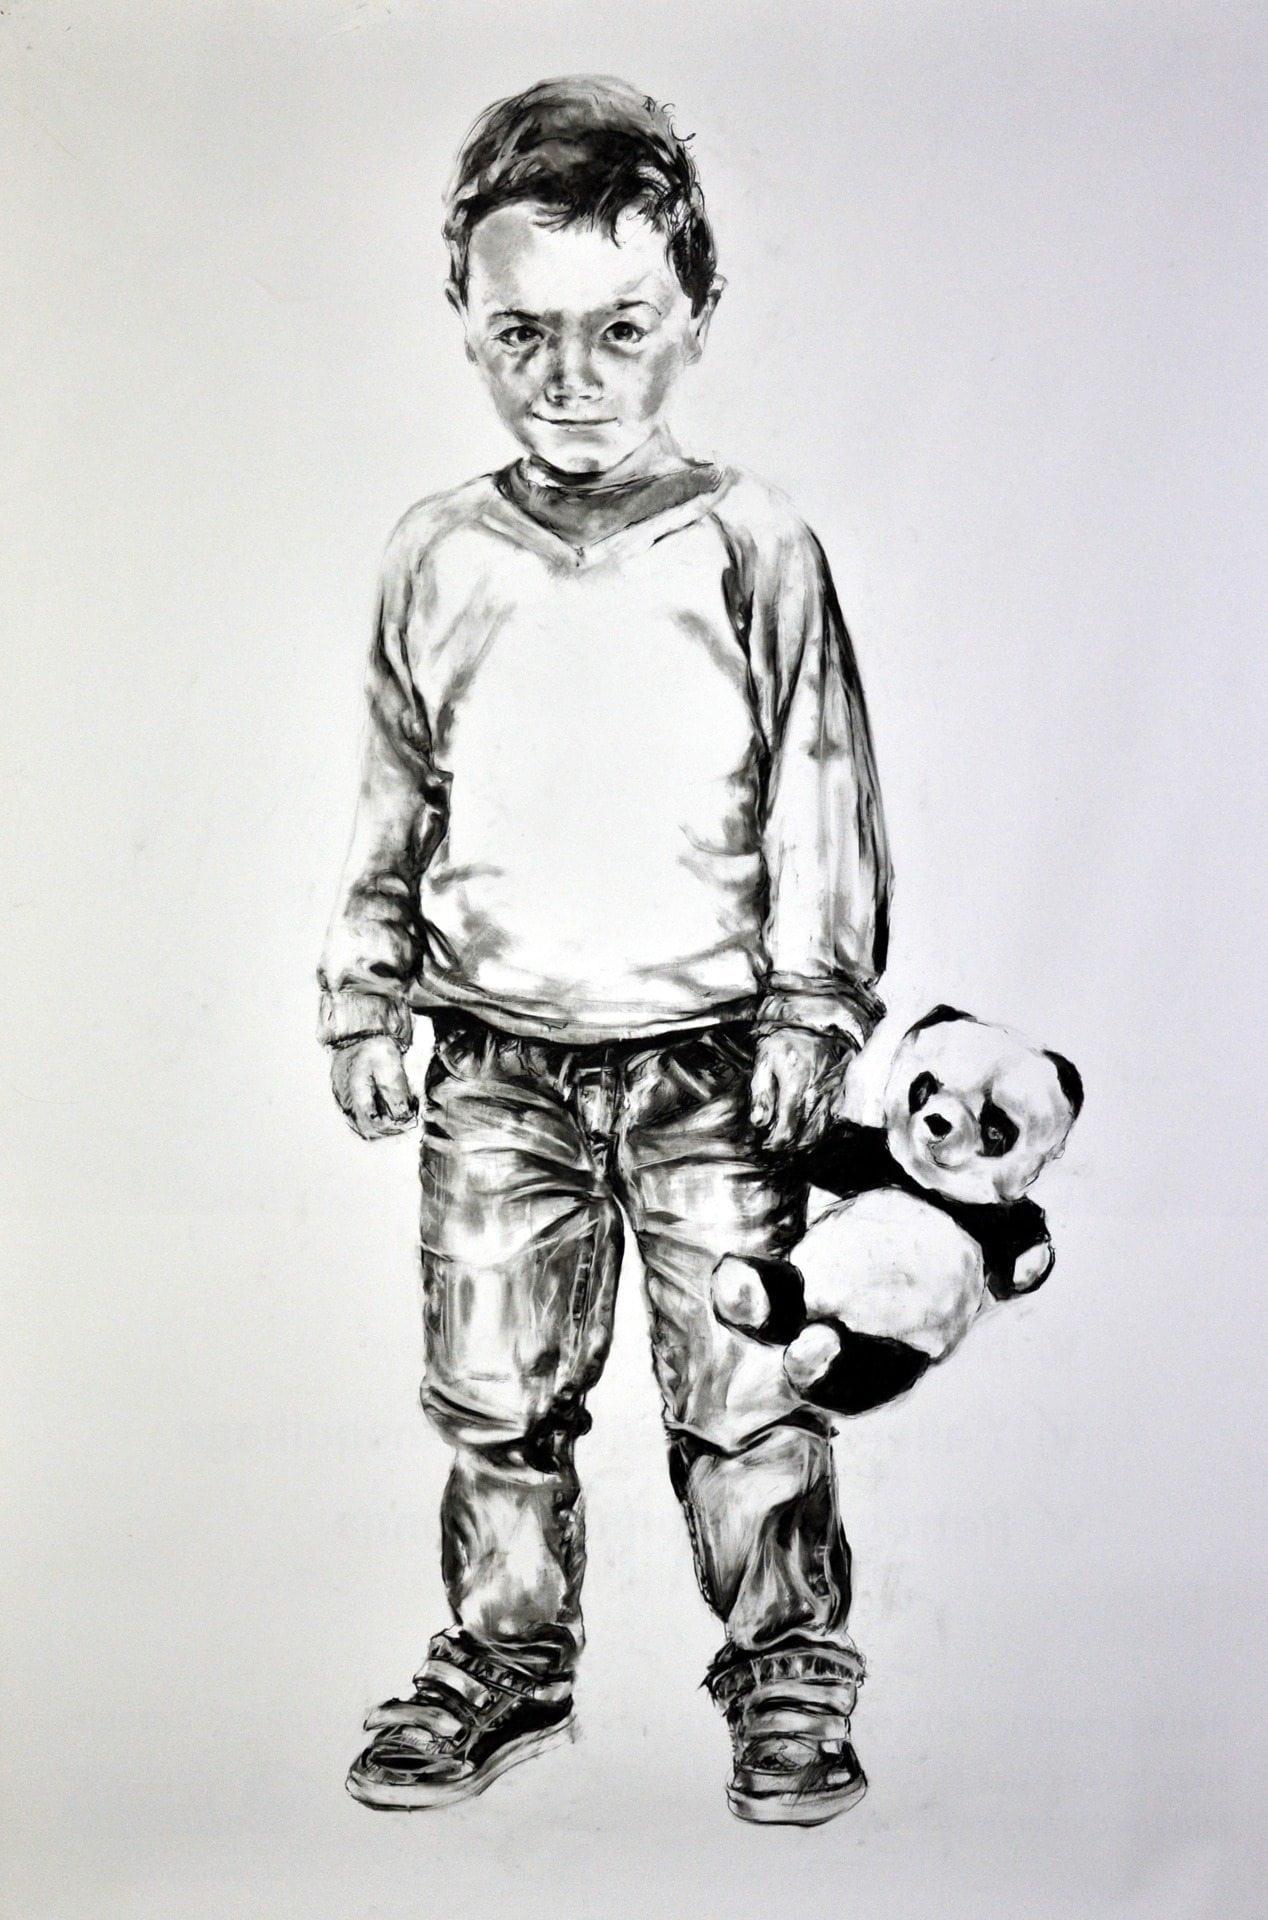 Frank Rannou, 'Marceau', Pencil on paper